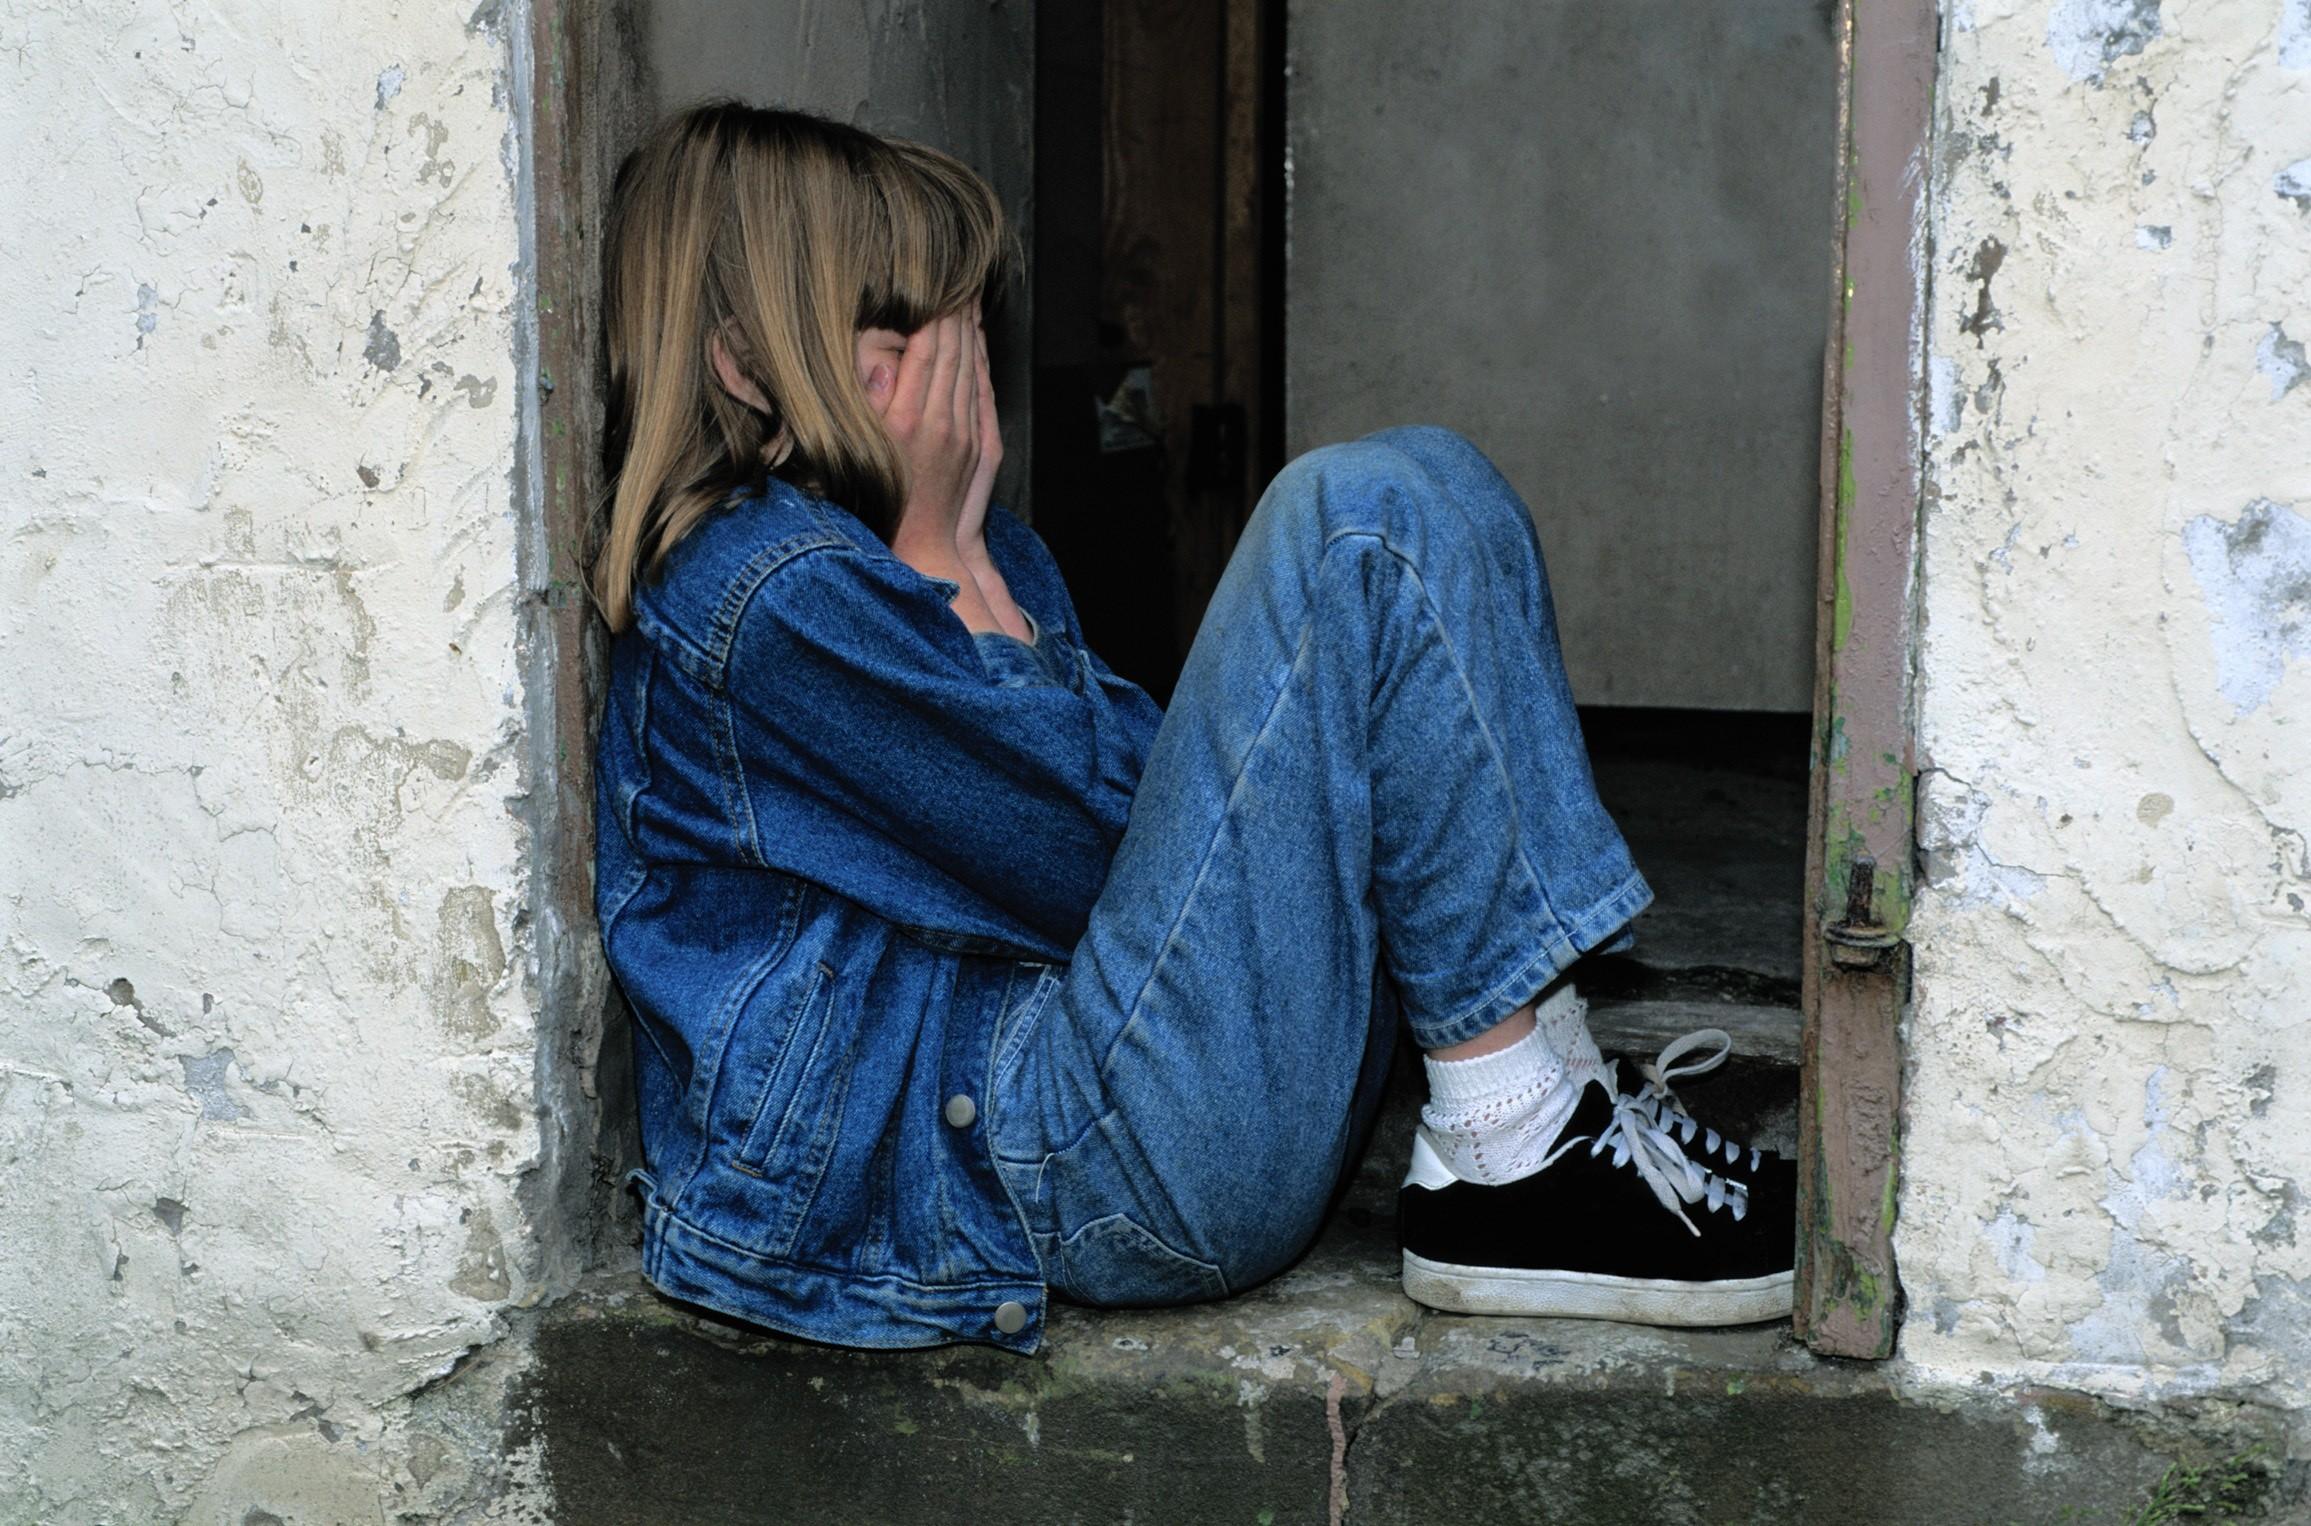 Estudo australiano registra surto de anorexia nervosa em crianças durante a pandemia do novo coronavírus